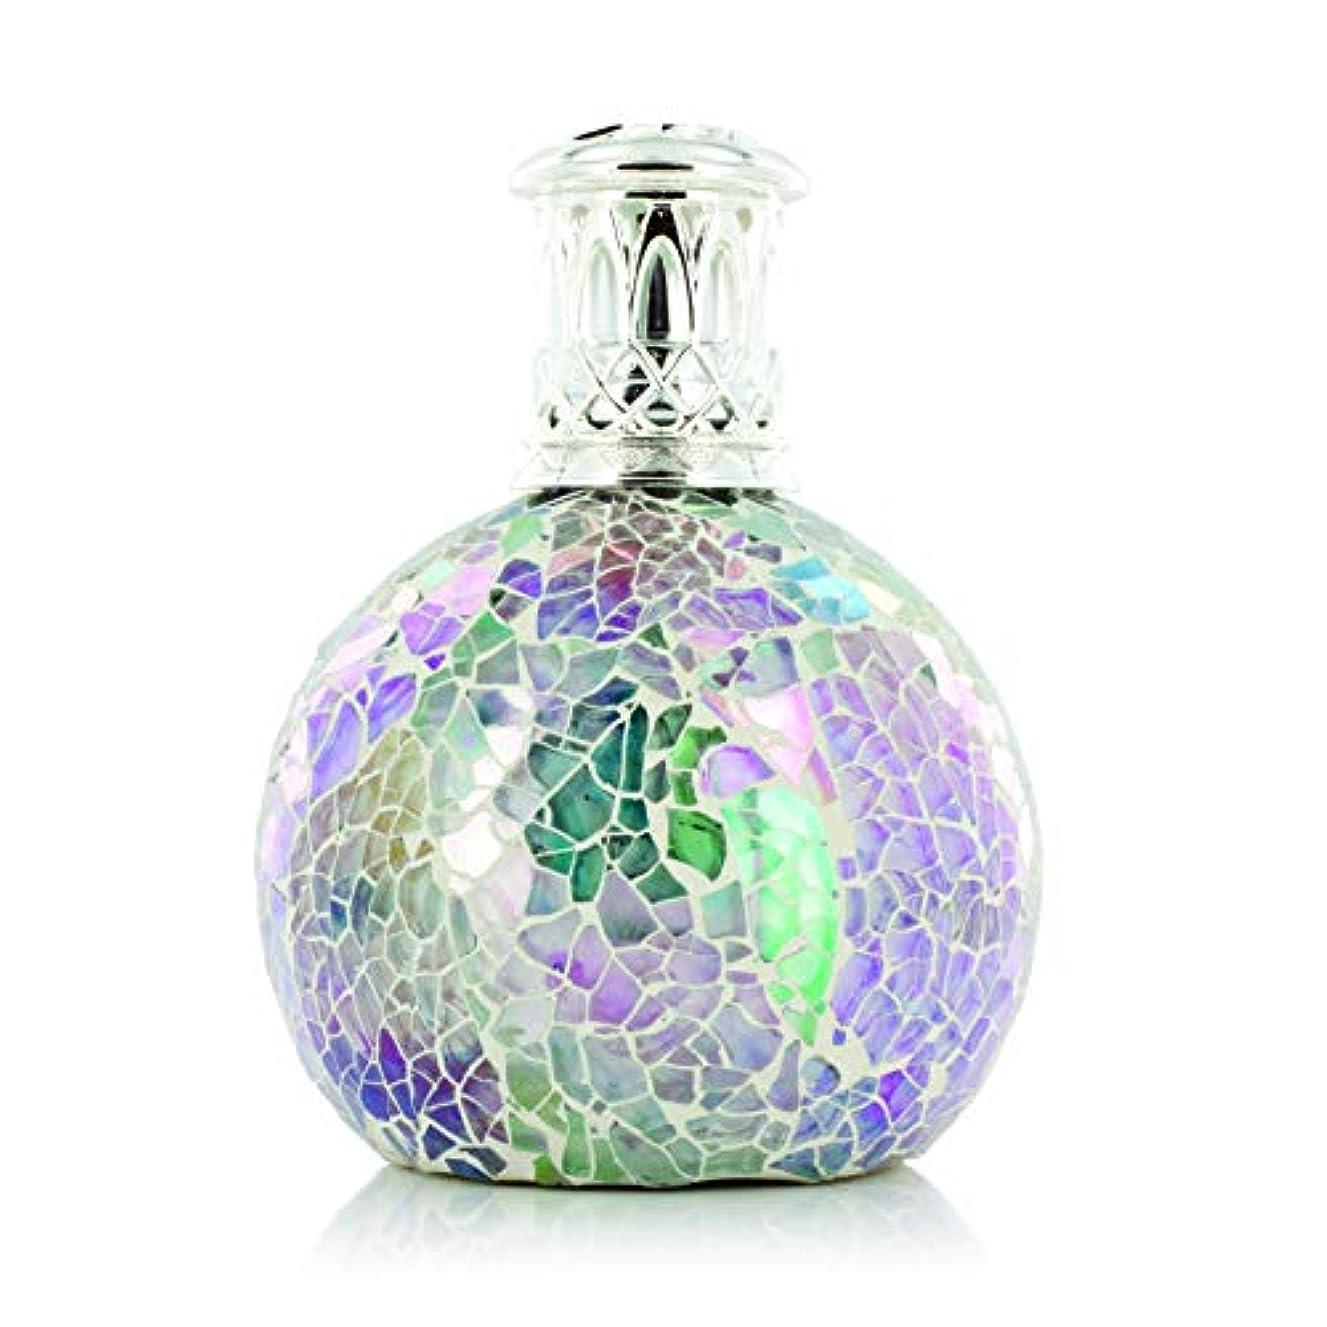 コンプライアンス委任糞Ashleigh&Burwood フレグランスランプ S フェアリーボール FragranceLamps sizeS FairyBall アシュレイ&バーウッド